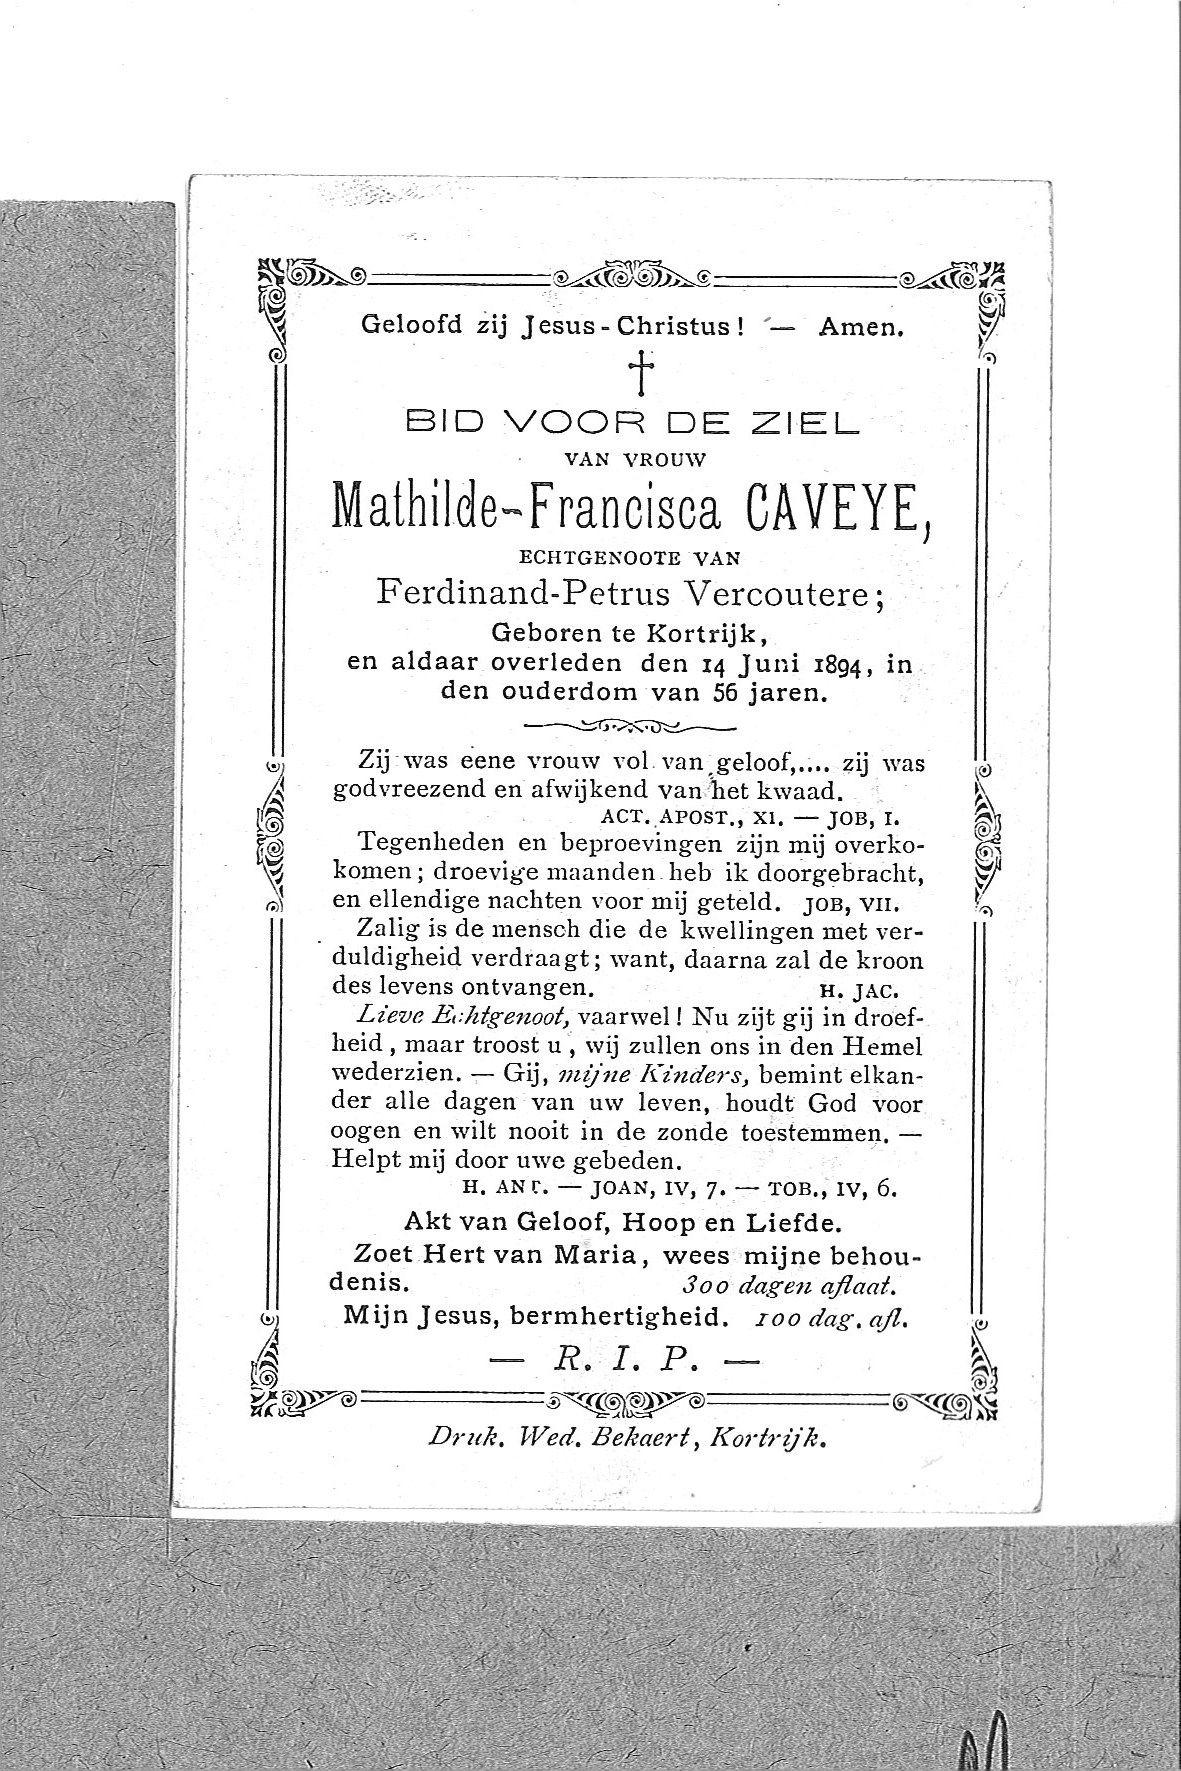 mathilde-francisca20090123102326_00001.jpg